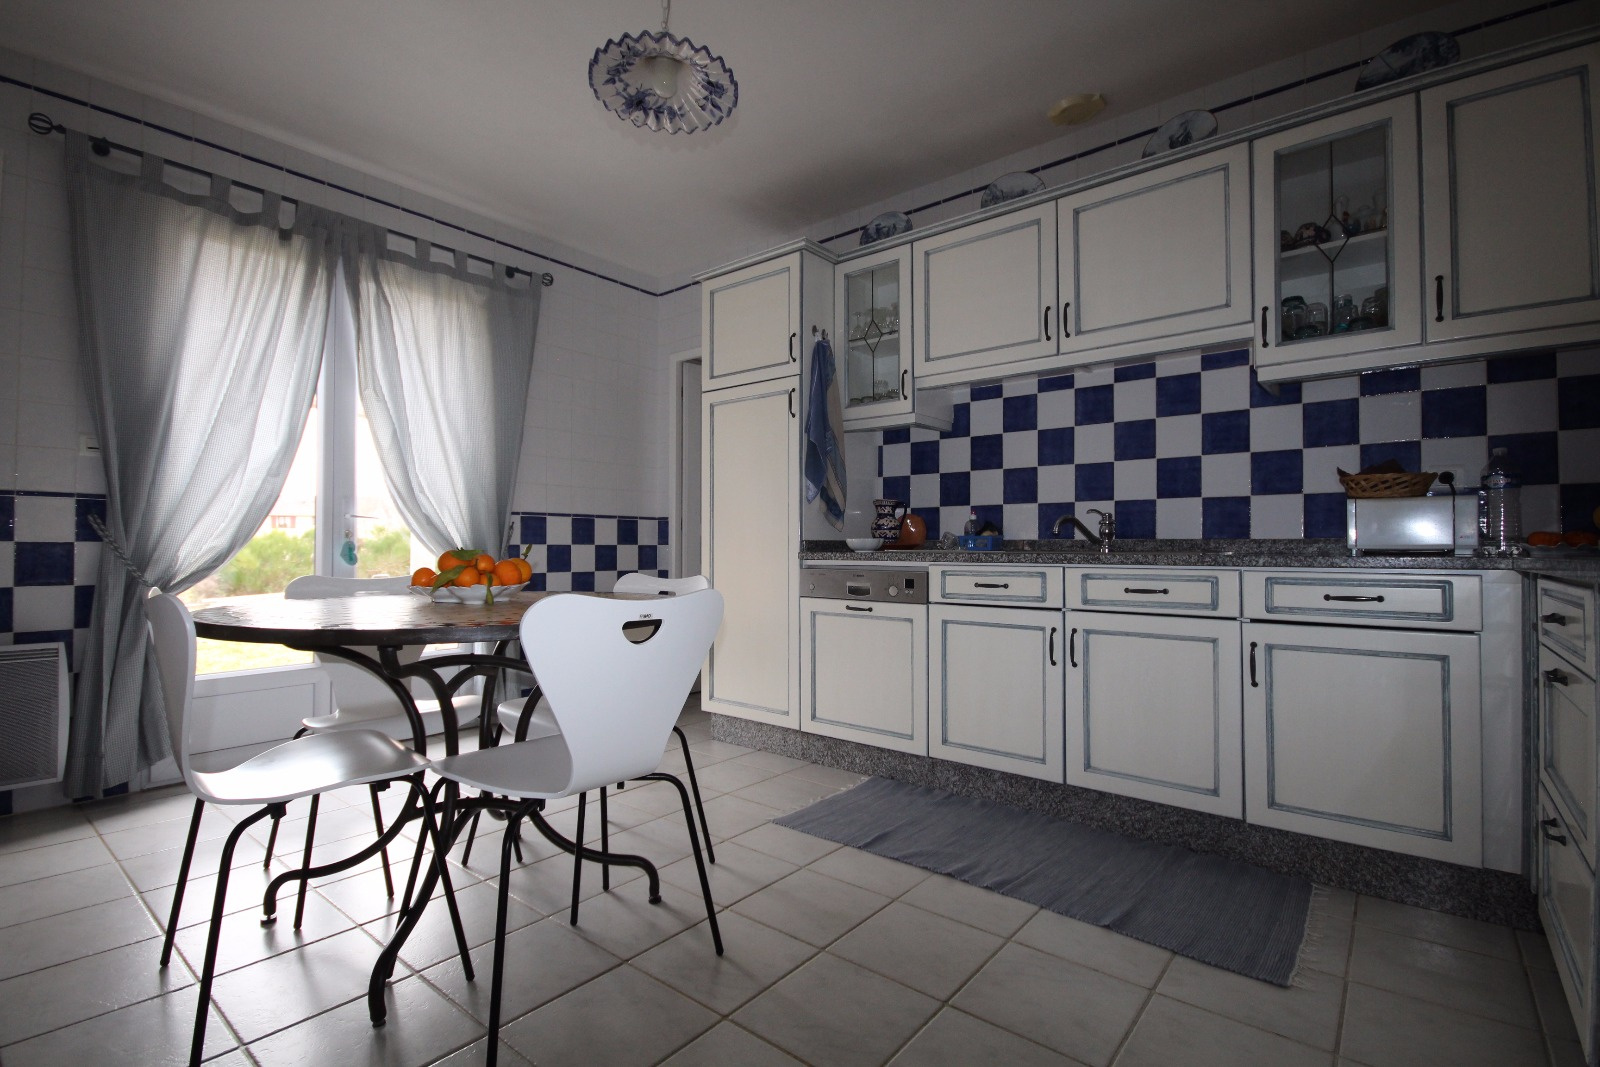 Vente maison de plain de pied avec agrandissement for Agrandissement maison 37